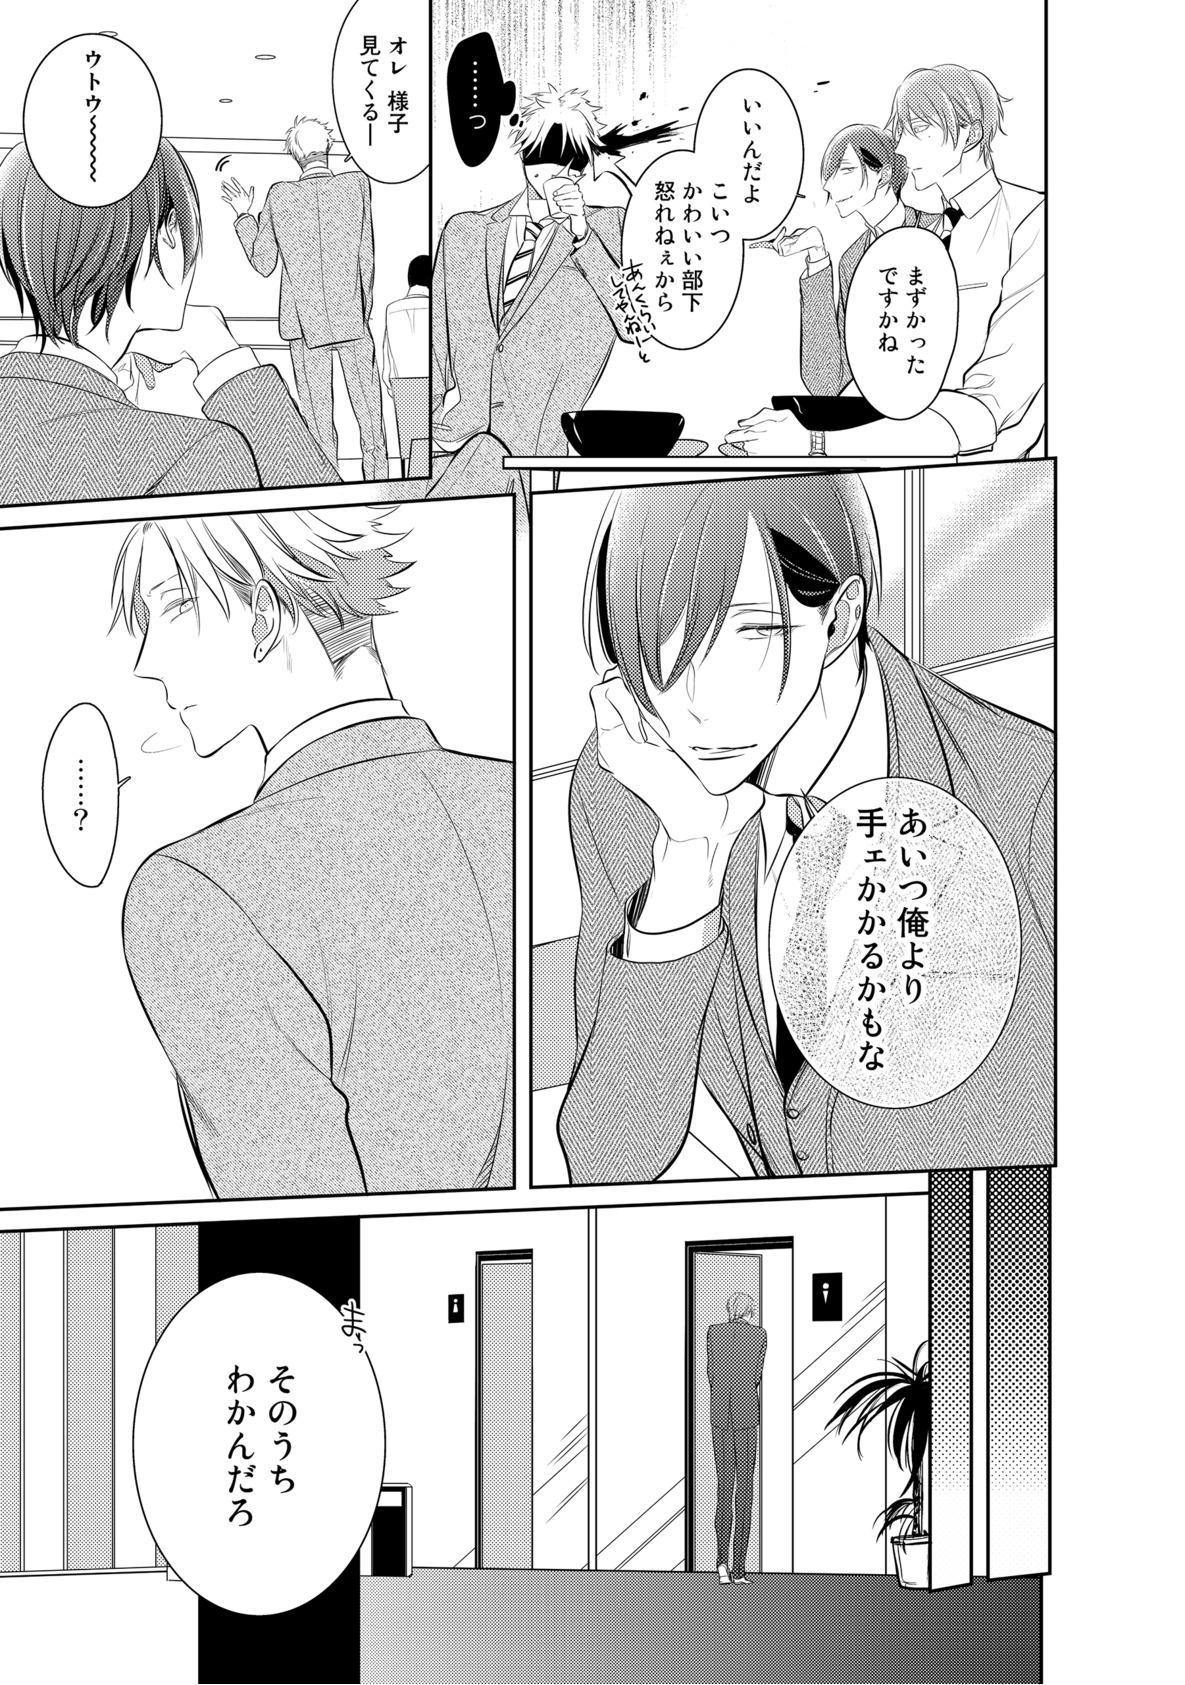 Kurui Naku no wa Boku no Ban ~ vol.2 22